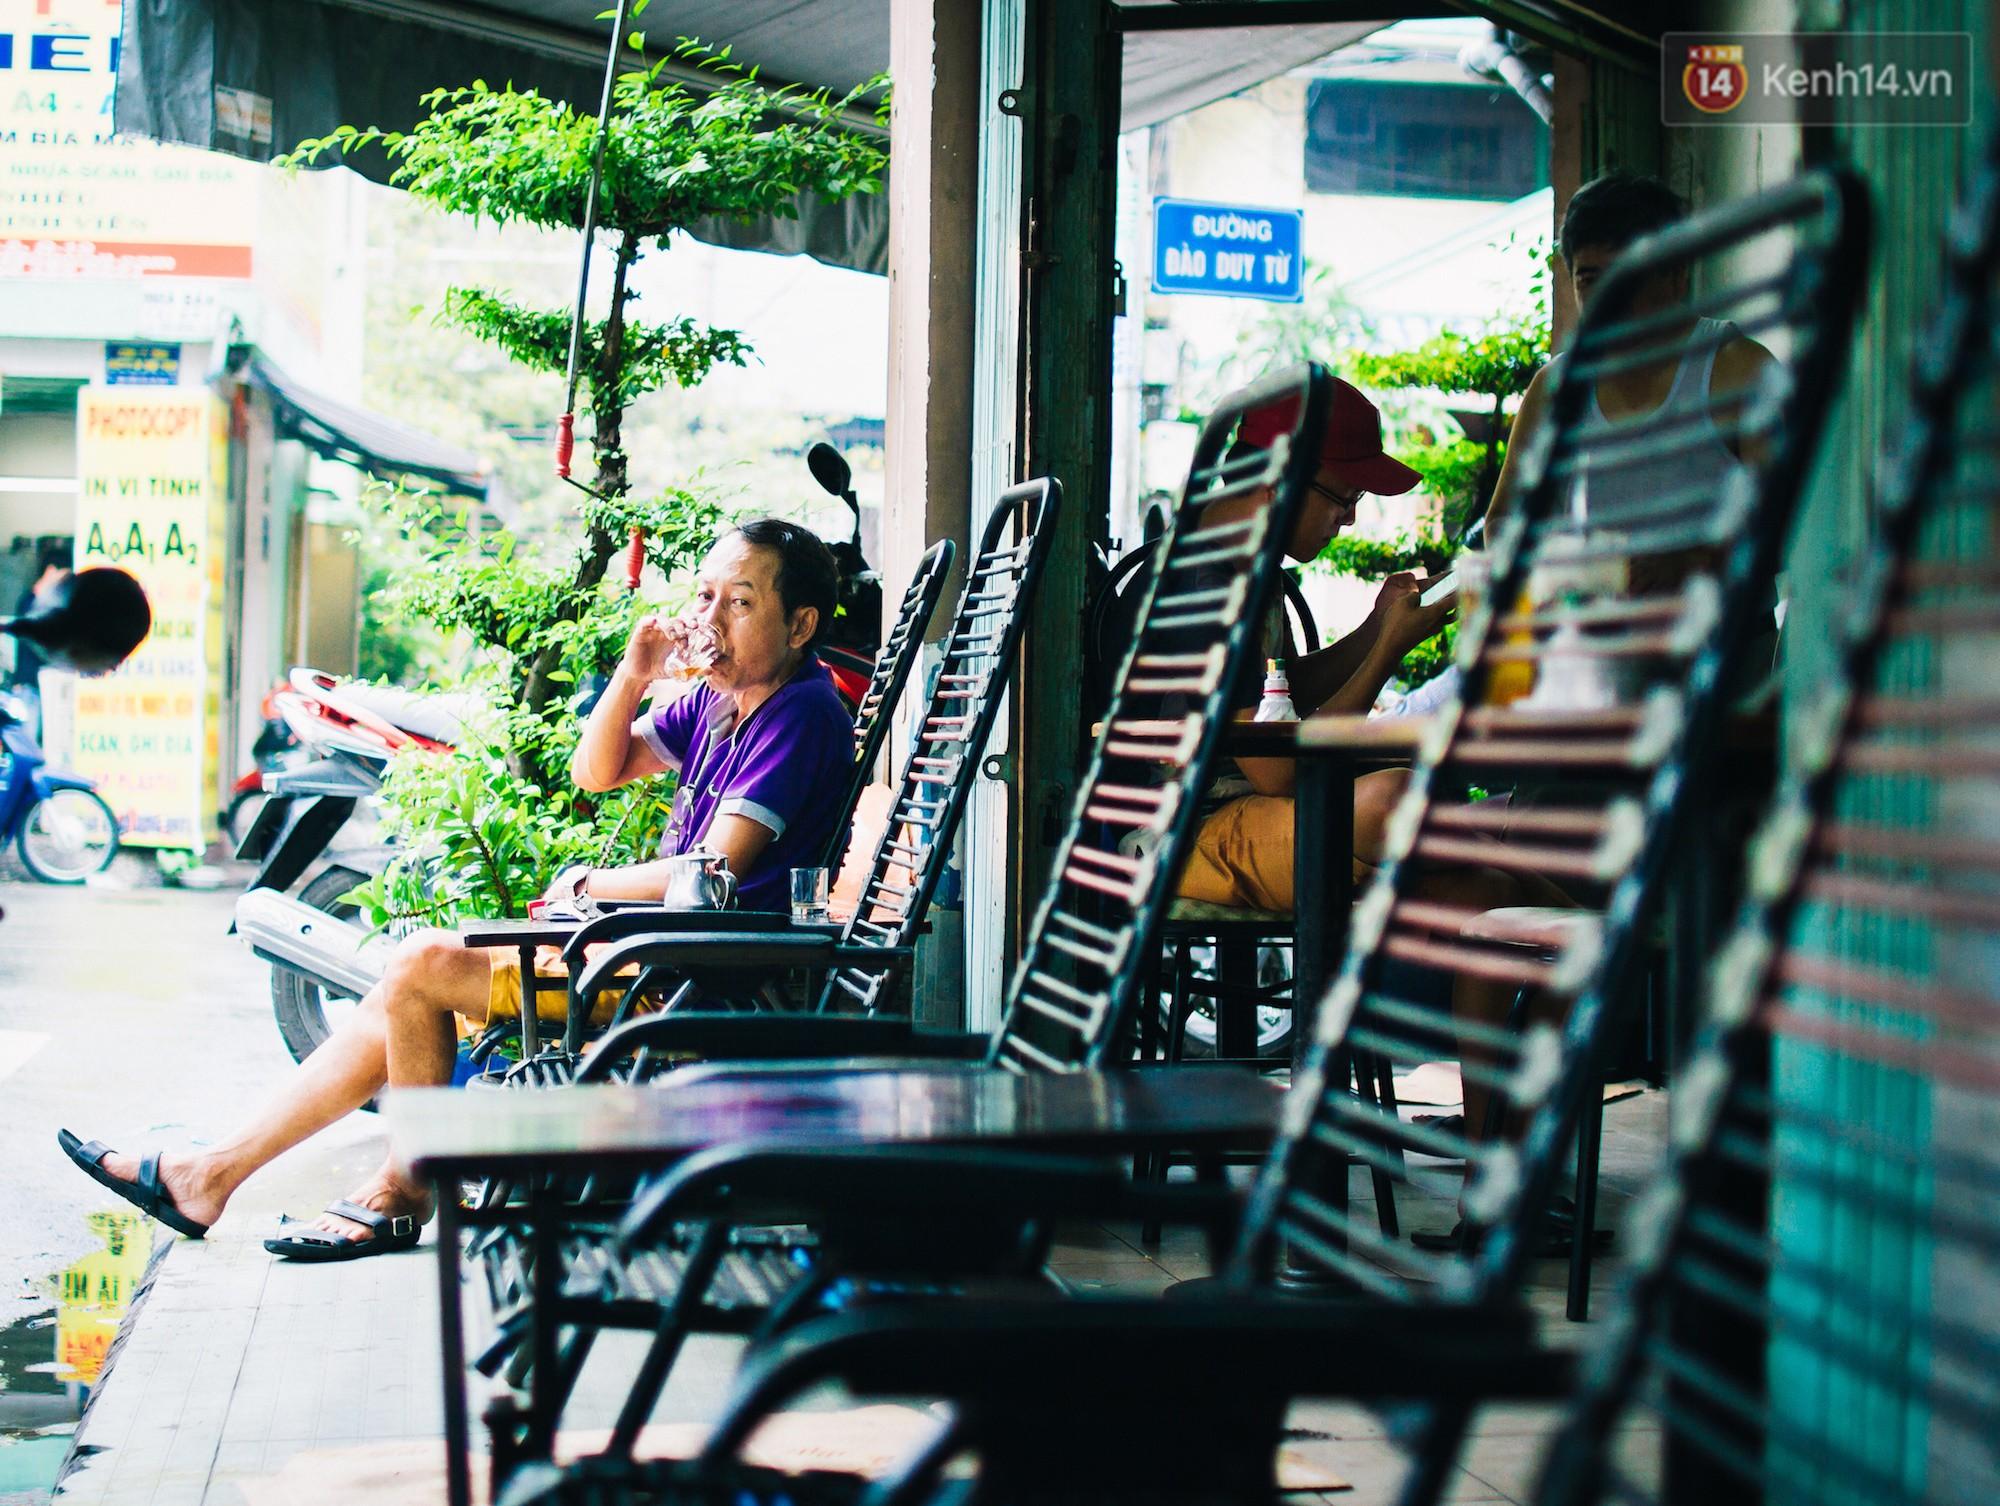 Chùm ảnh: Người Sài Gòn và thói quen uống cafe cóc từ lúc mặt trời chưa ló dạng cho đến chiều tà - Ảnh 4.